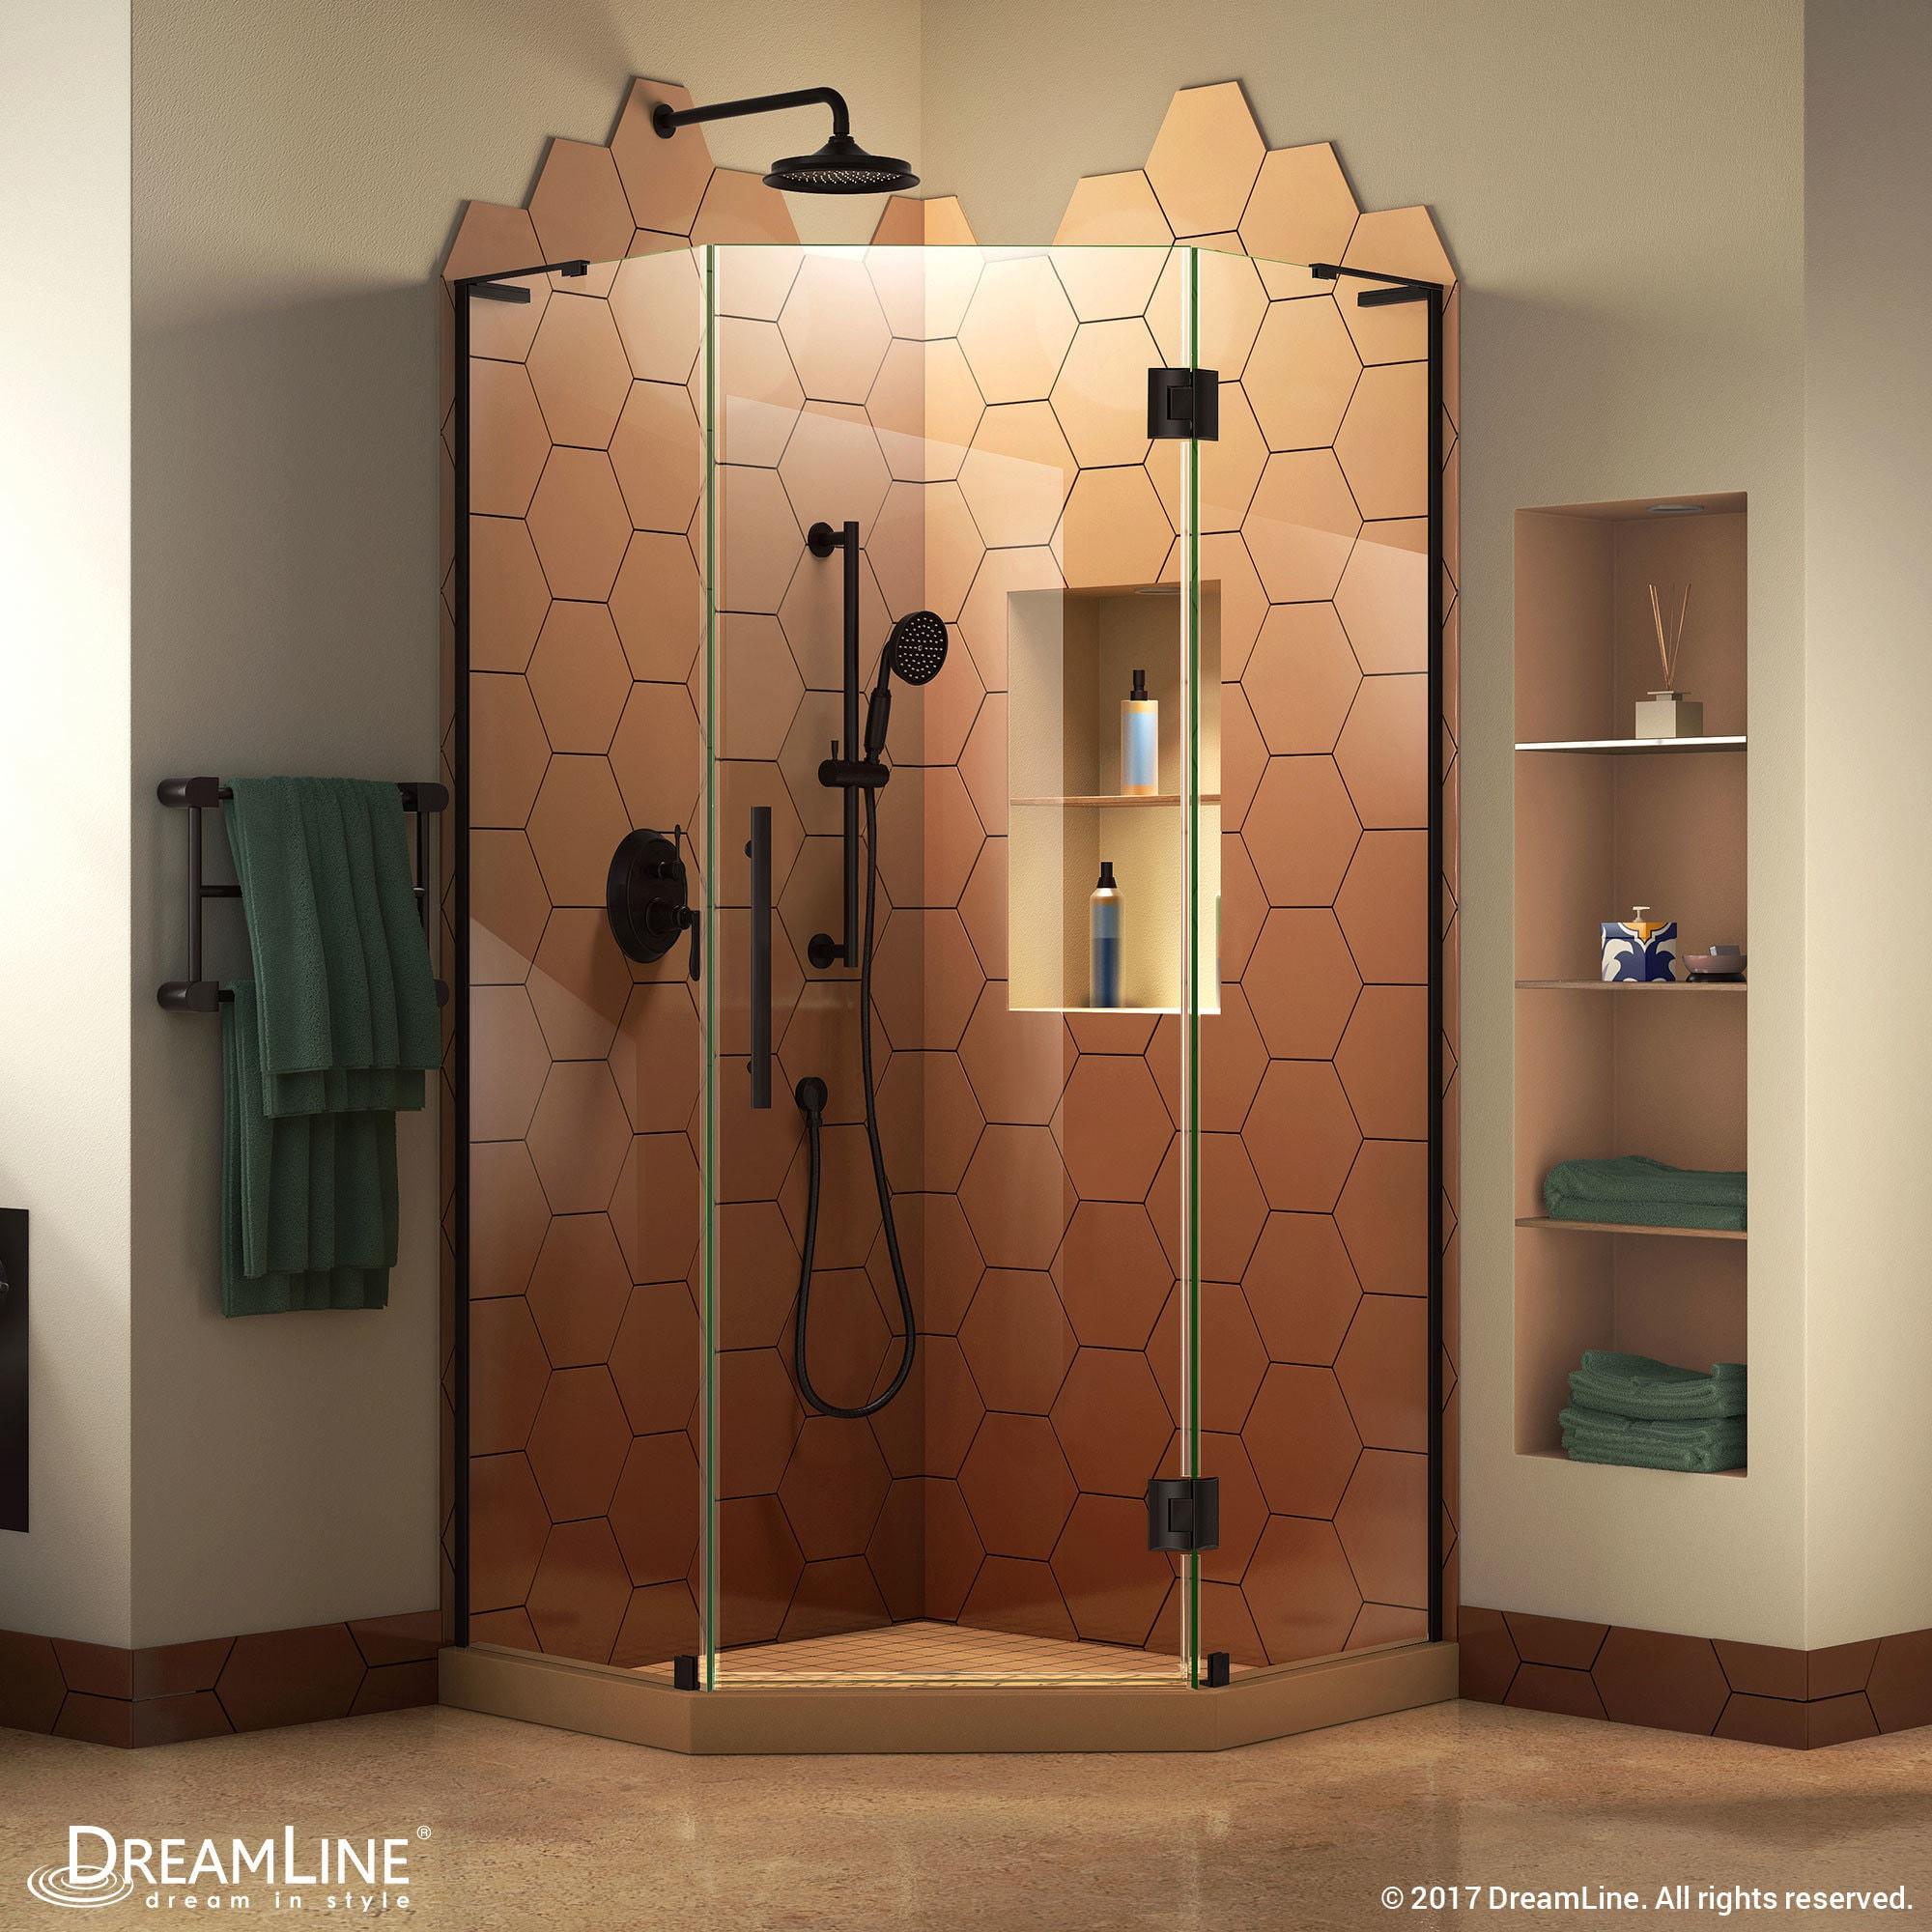 Buy Black Shower Stalls & Kits Online at Overstock.com | Our Best ...